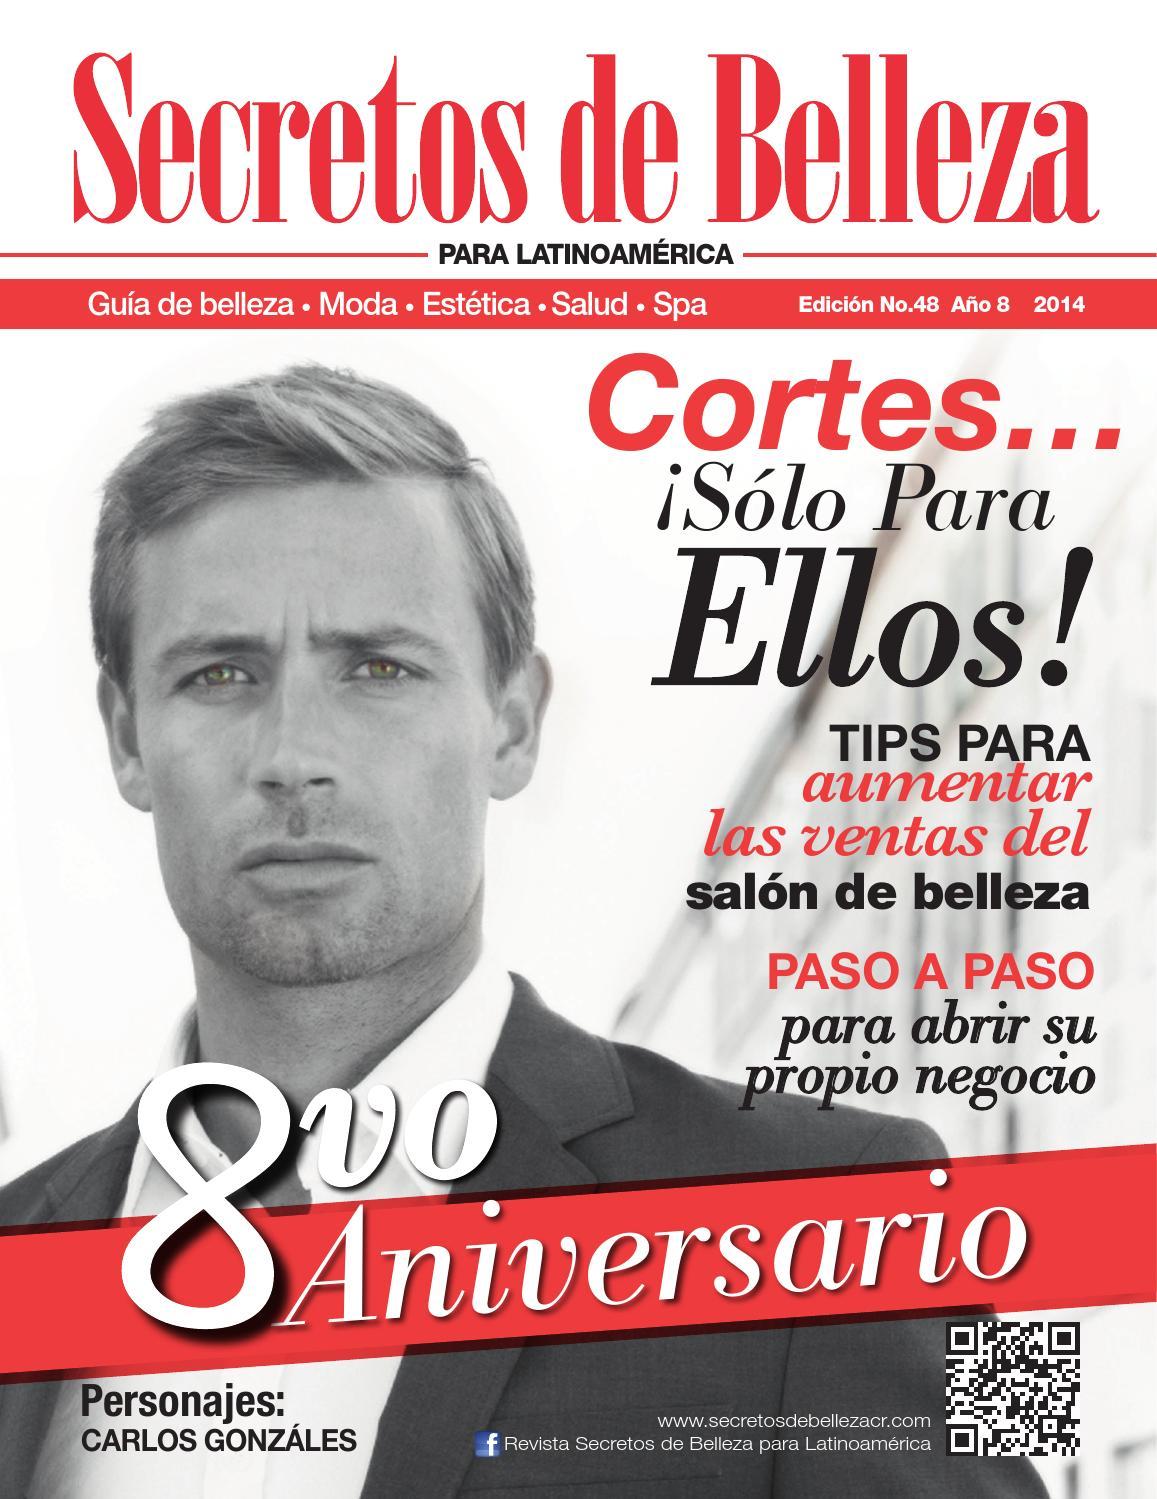 Revista Secretos de Belleza para Latinoamérica | Ed. 48